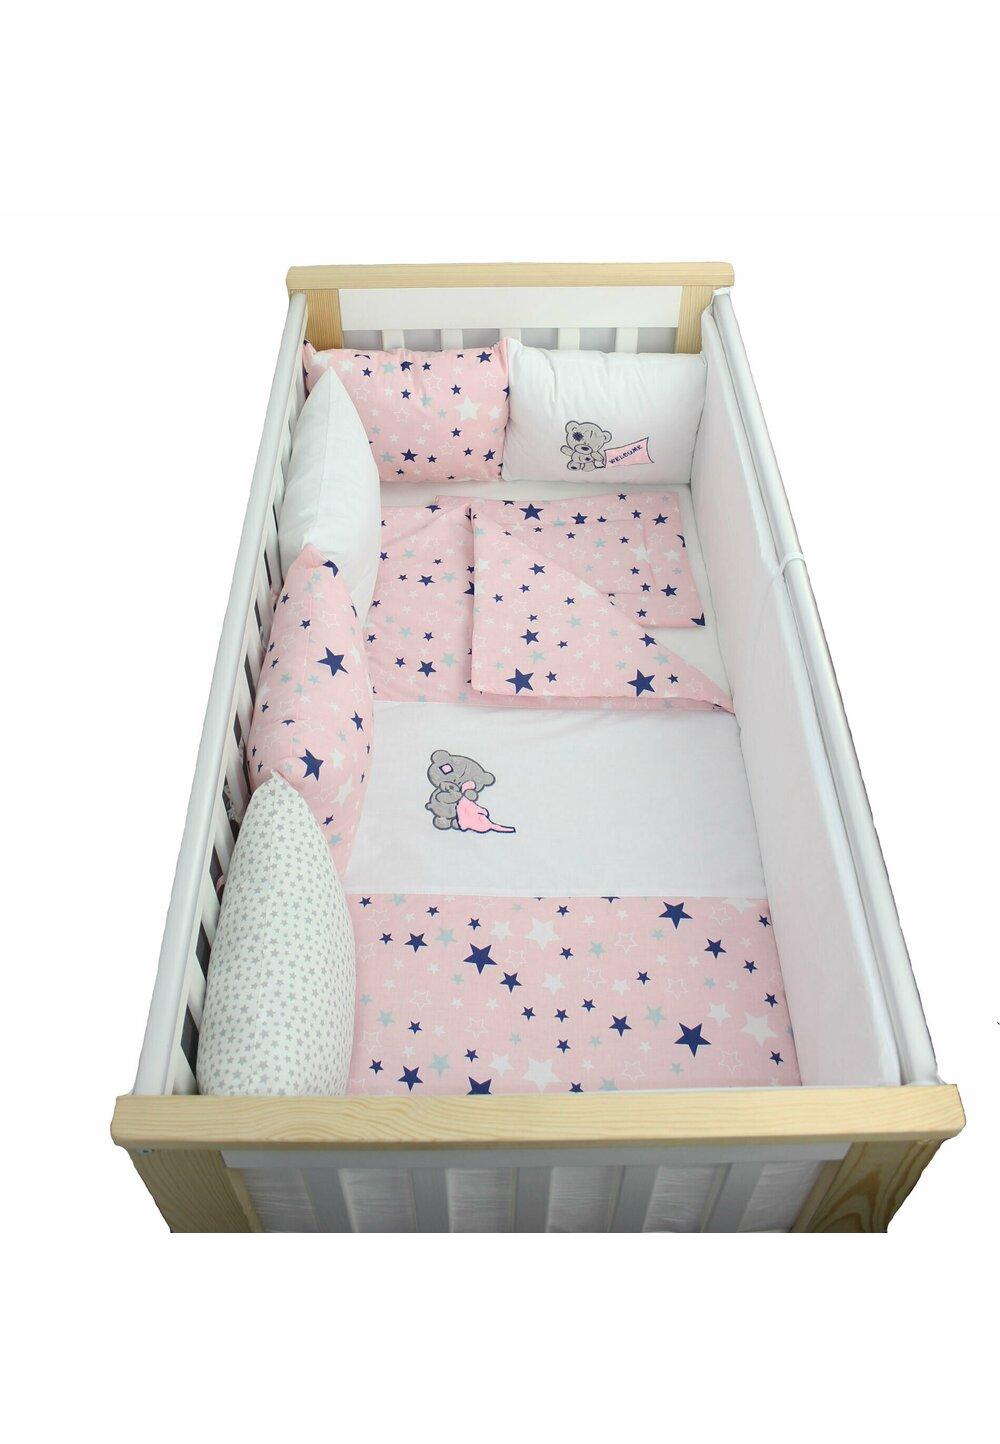 Lenjerie cu perne, 9 piese, Welcome, roz cu stelute, 120 x 60 cm